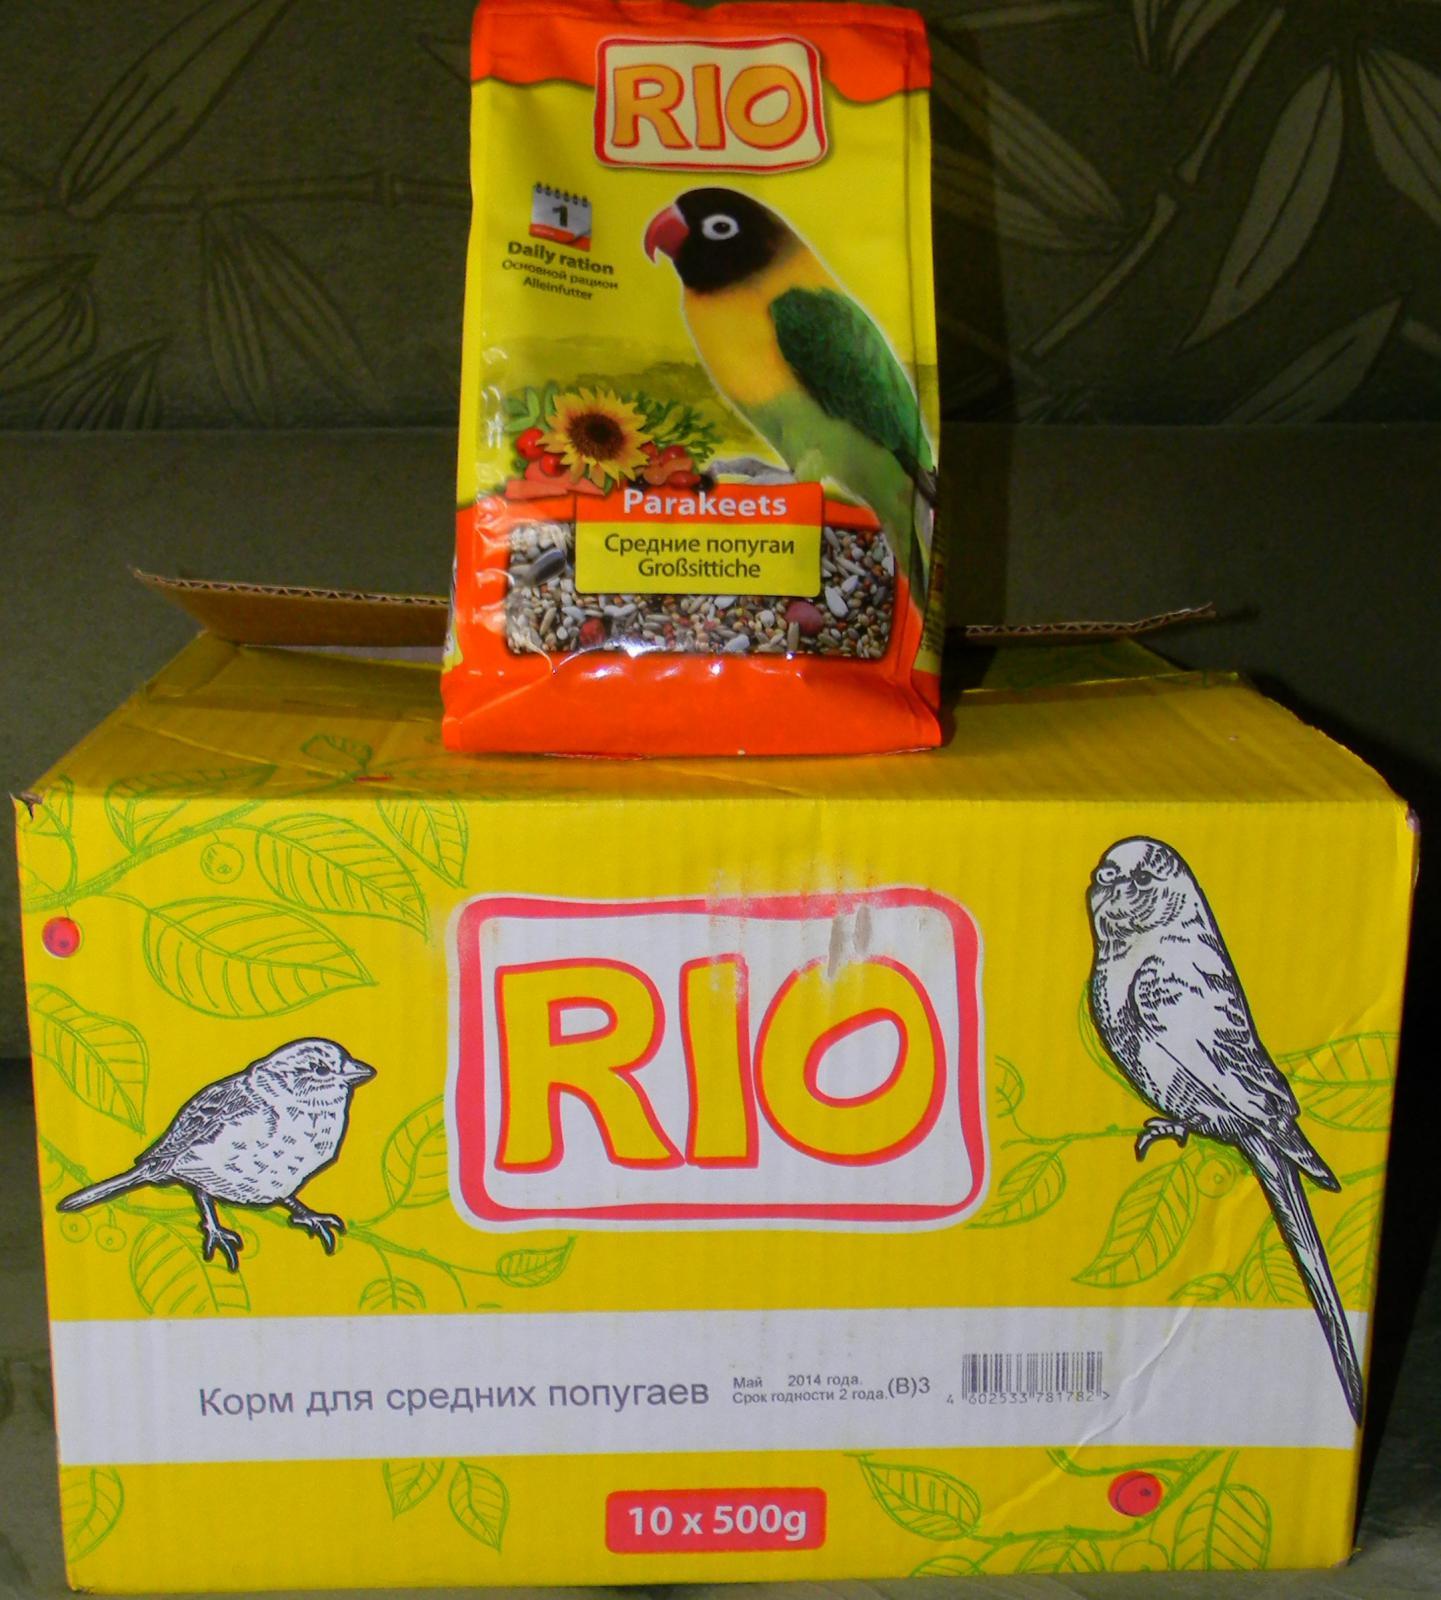 Корм Рио для средних попугаев. - рио для средних.JPG